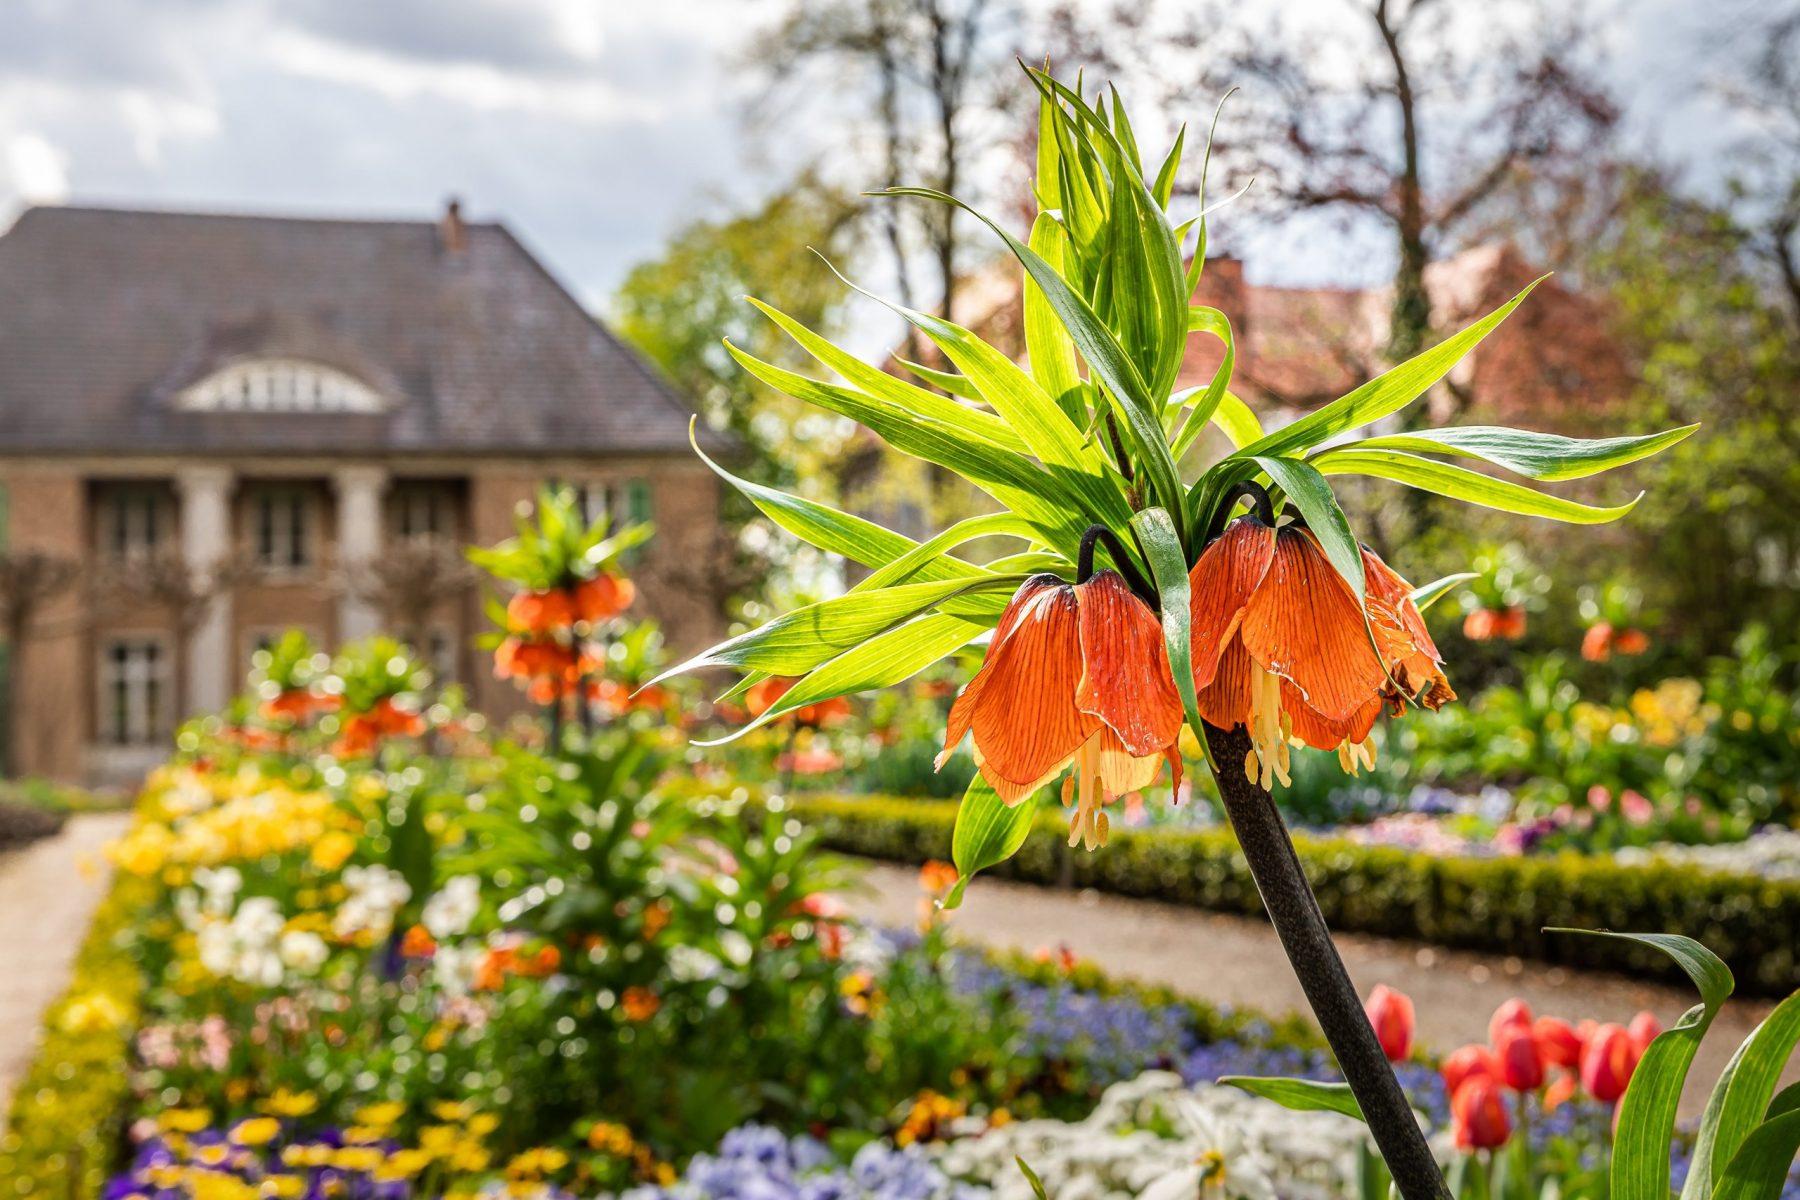 Orangene Kaiserkronen blühen, dahinter erstreckt sich ein farbenfrohes Beet bis hin zur Frontseite der Liebermann-Villa.